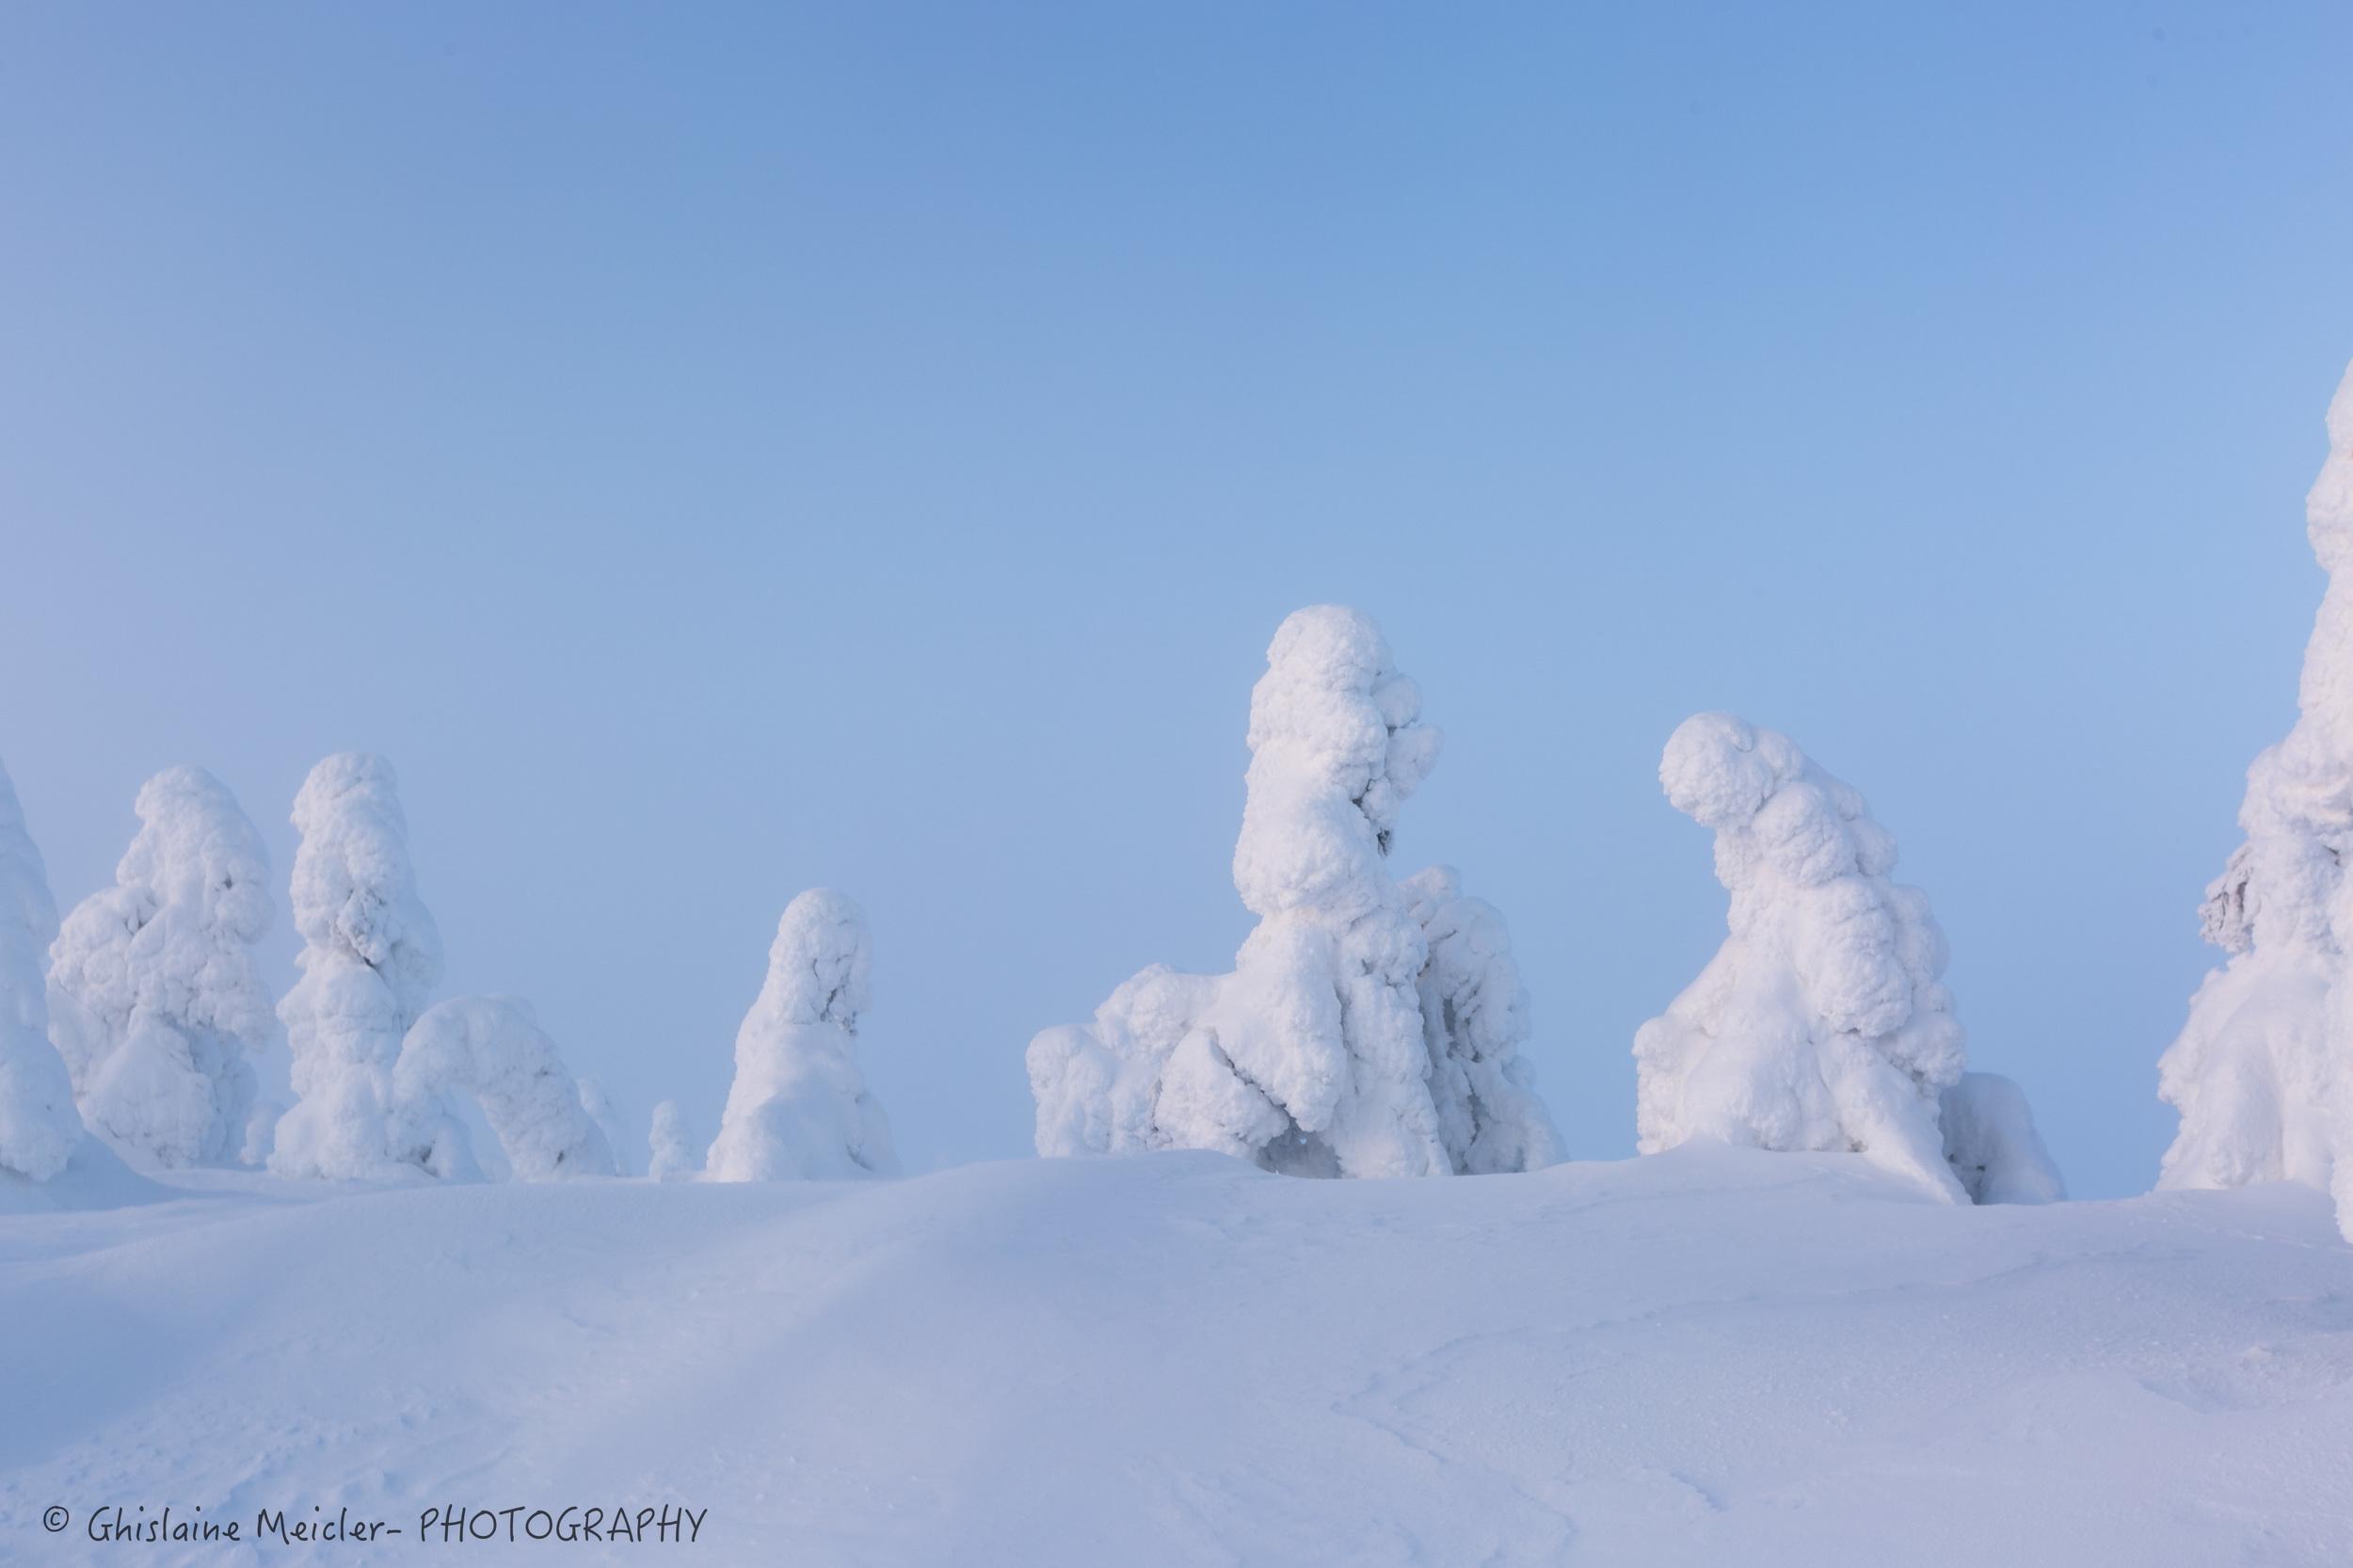 Finlande-734.jpg